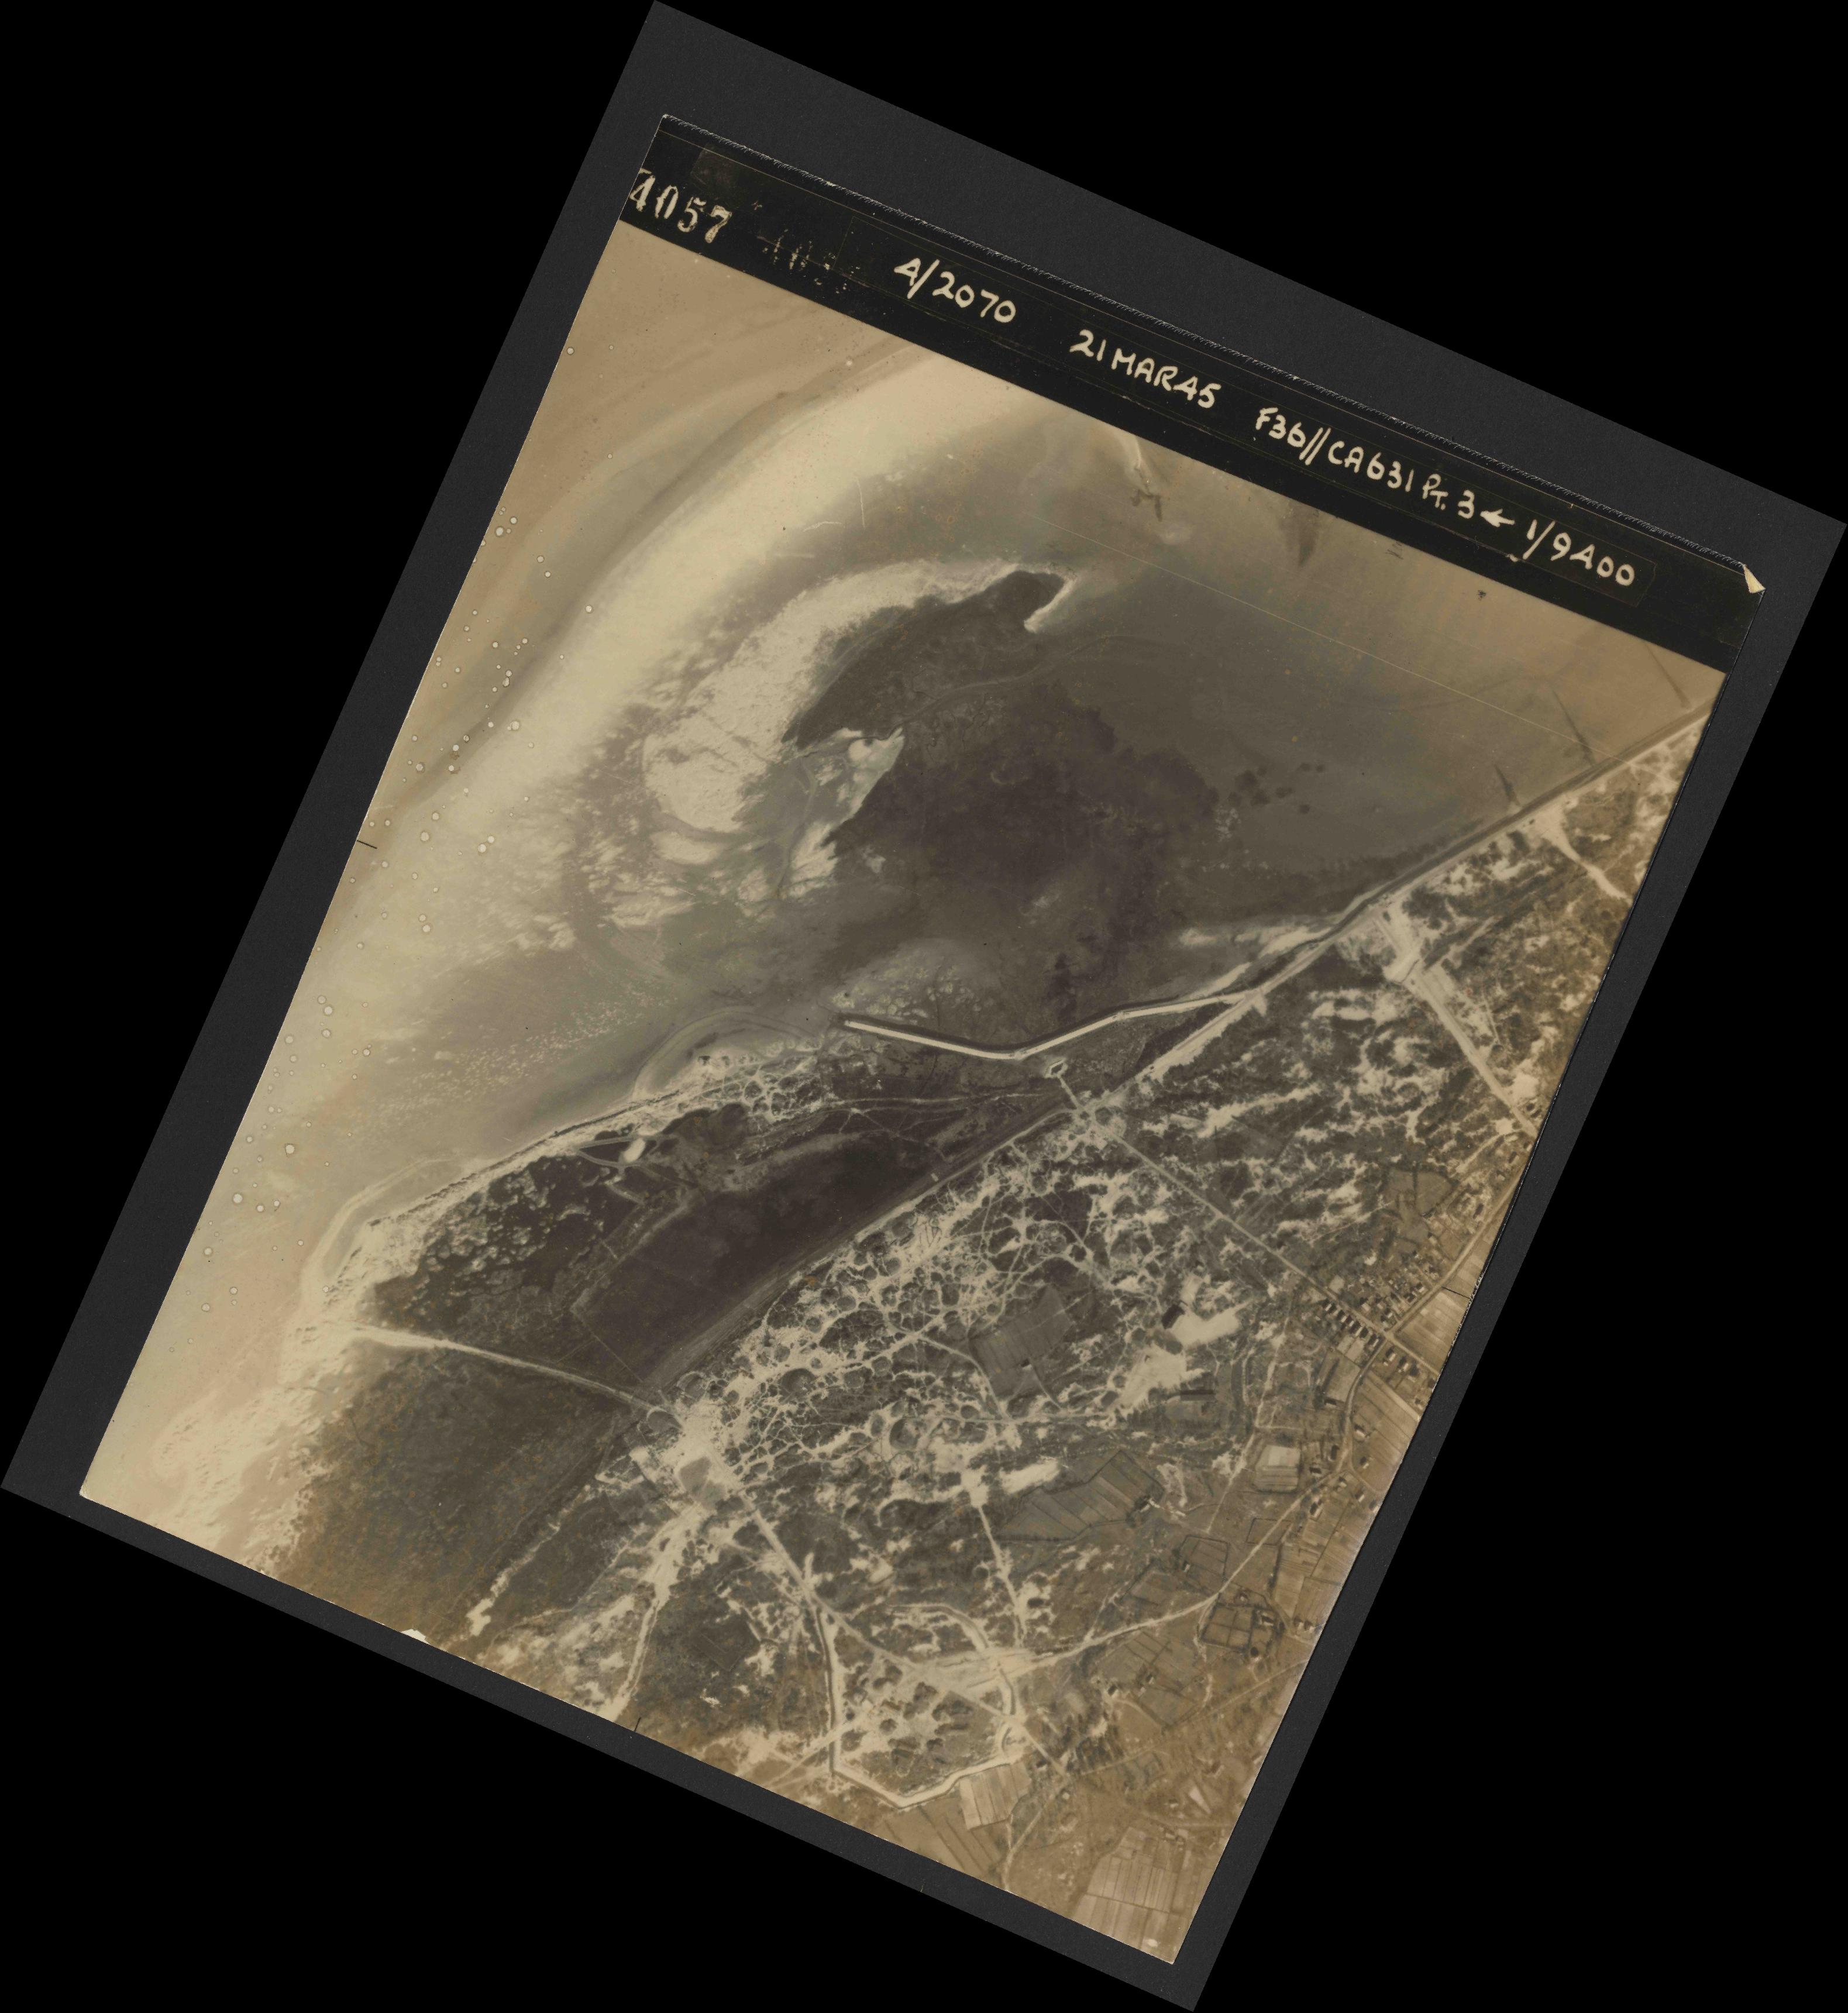 Collection RAF aerial photos 1940-1945 - flight 288, run 09, photo 4057